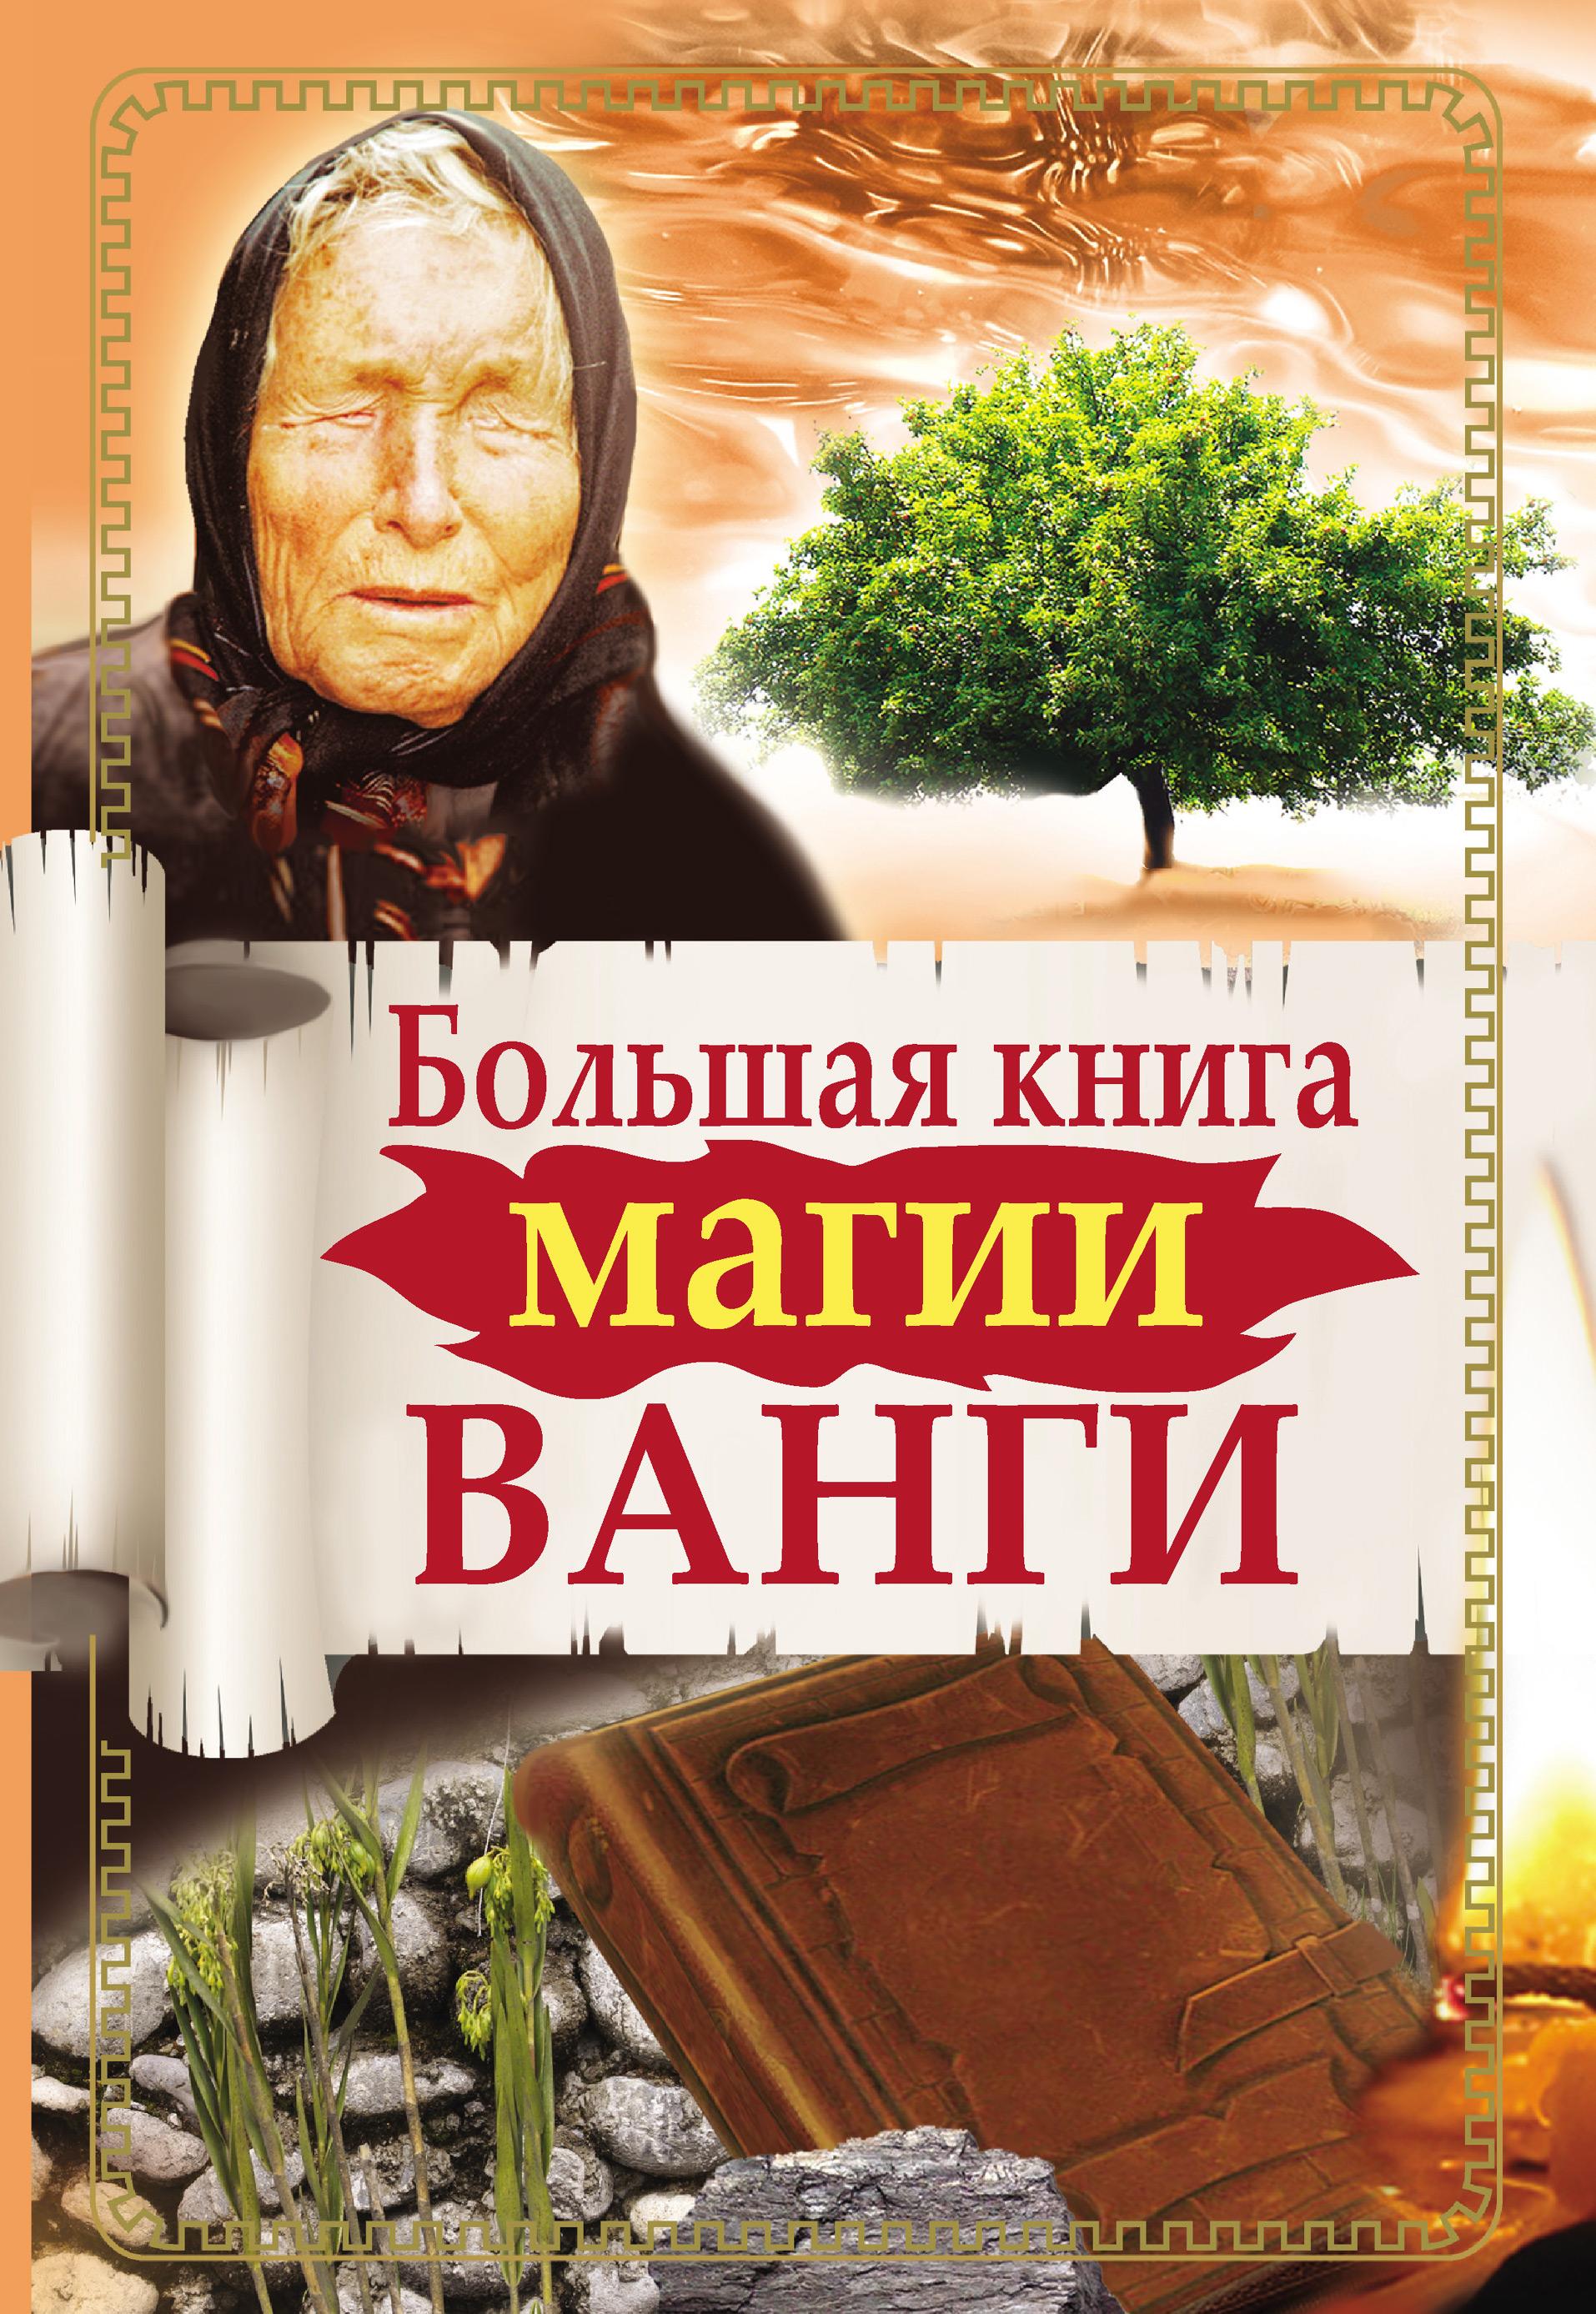 Ангелина Макова Большая книга магии Ванги ангелина макова исцеляющие заговоры на которые указала великая ванга